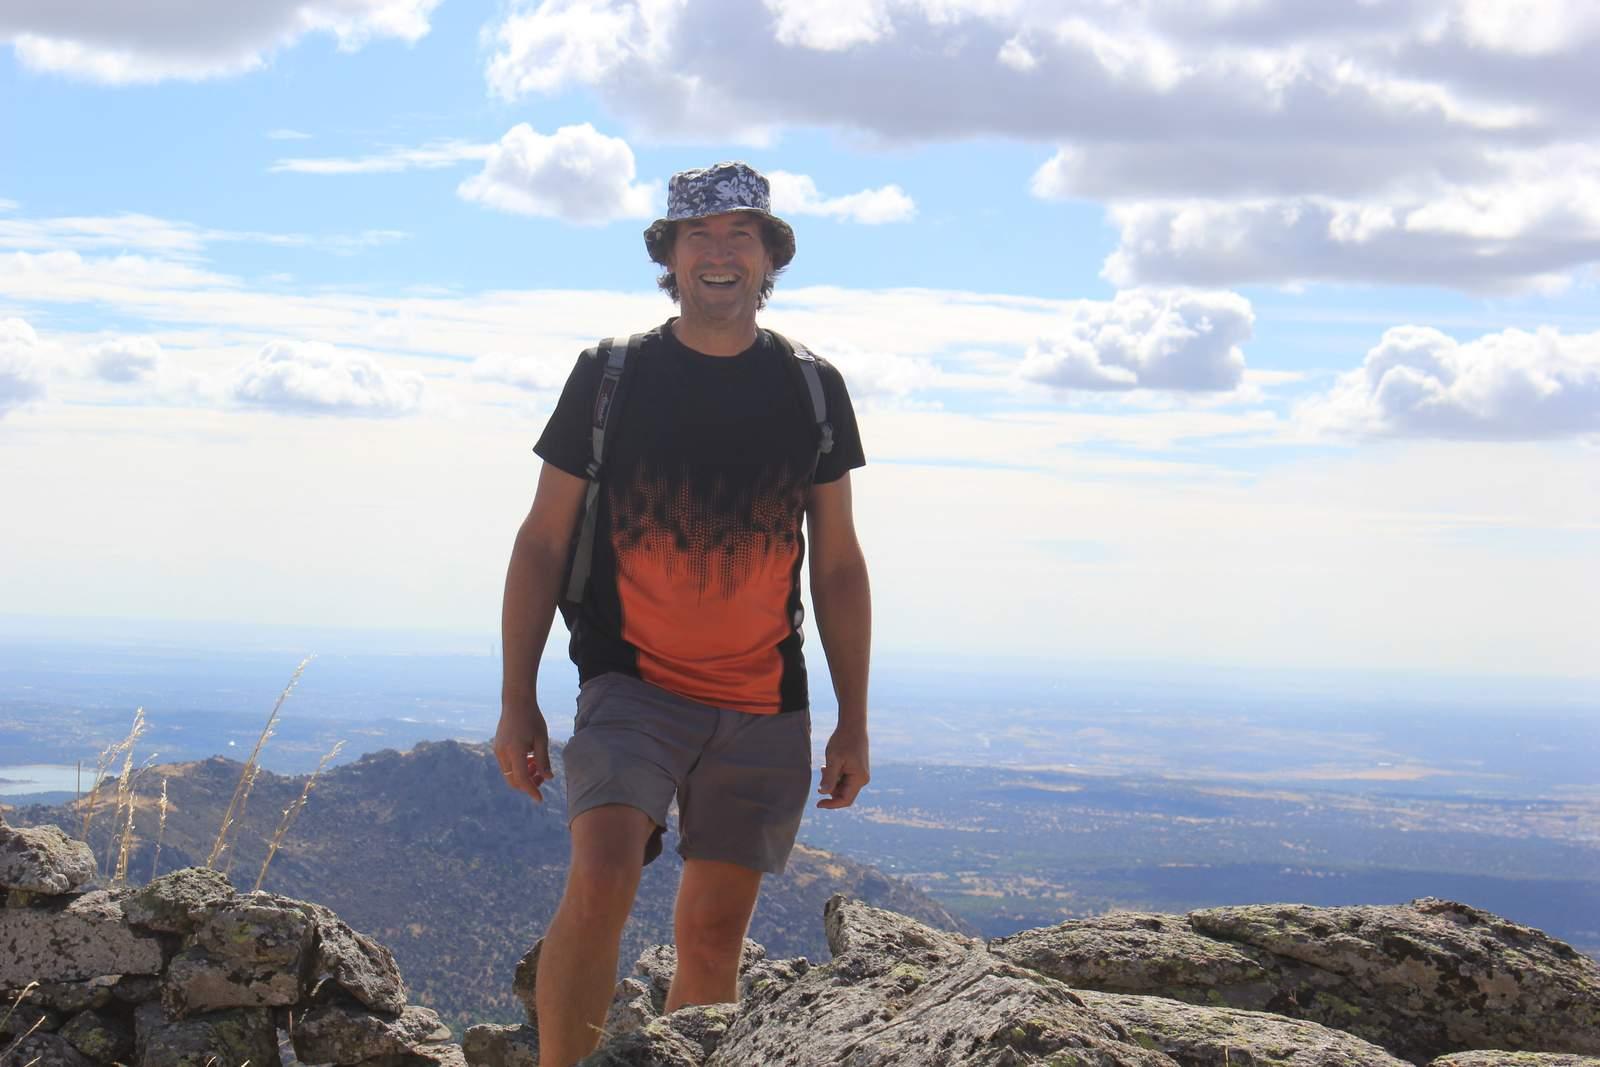 Frente al Pico del fraile en la Travesía de las cumbres escurialenses. San Lorenzo de El Escorial - 2015.